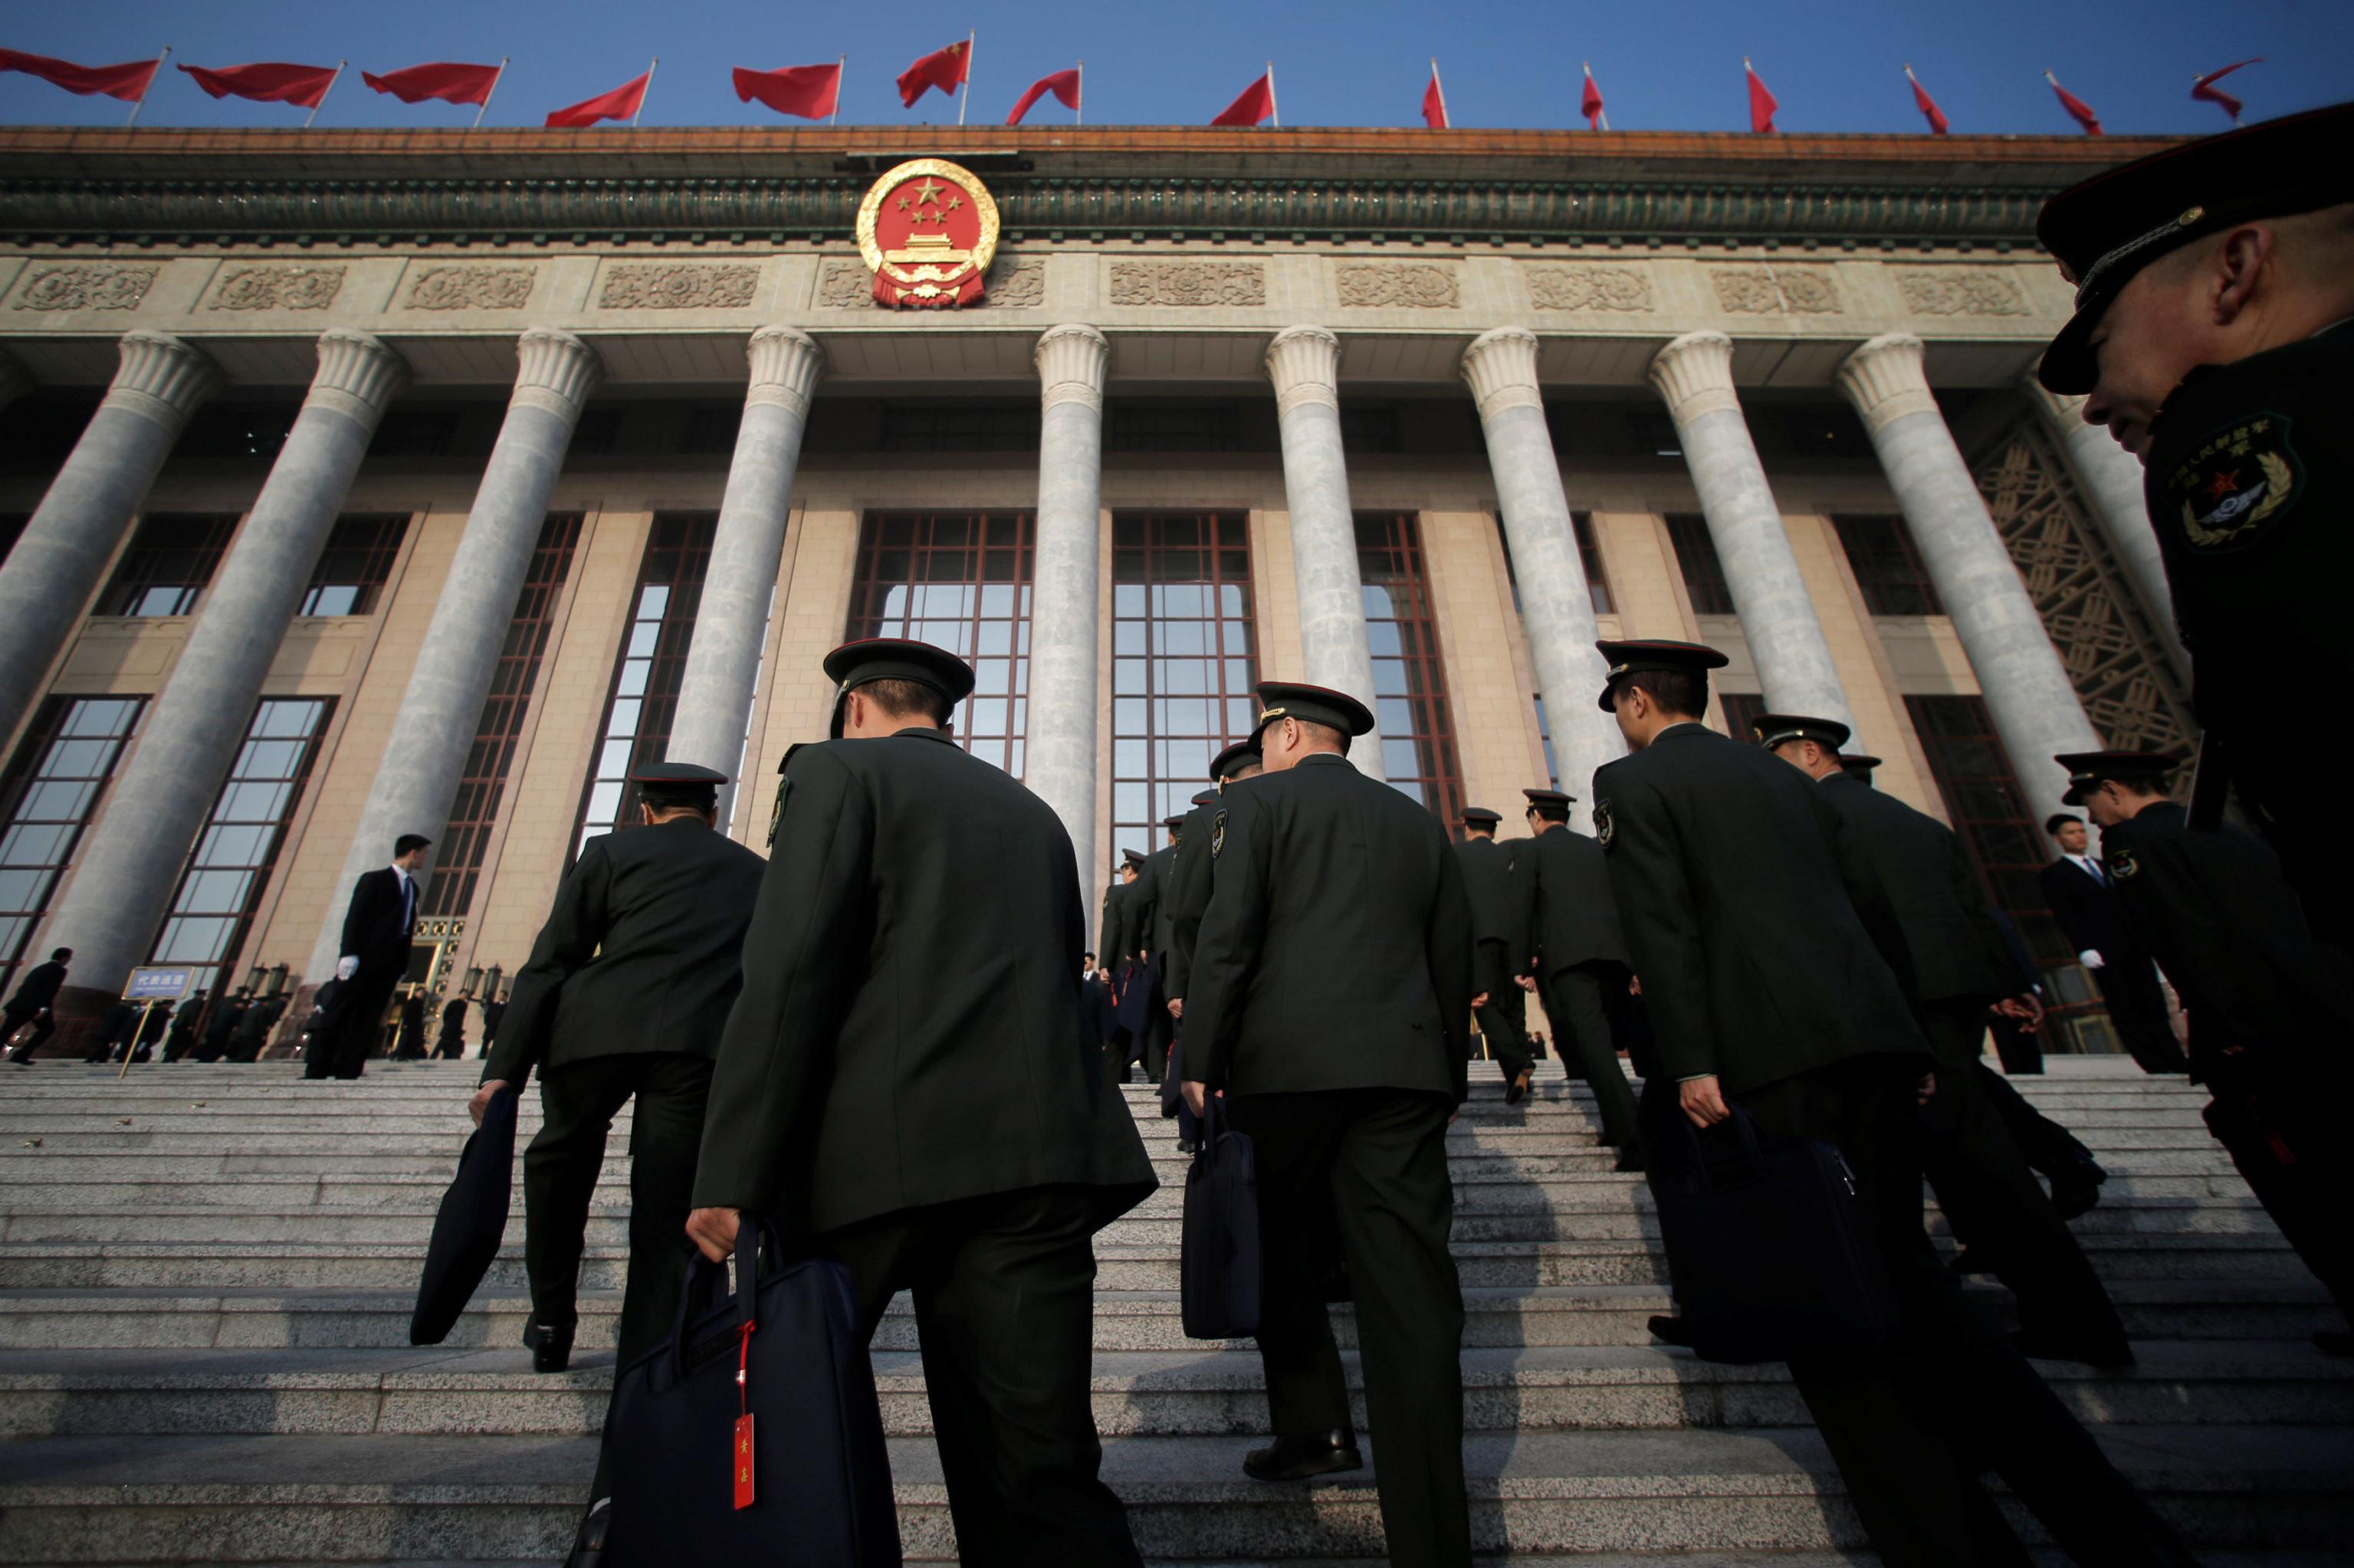 """安德烈·卡尔涅夫认为,本届全国人大会议关于台湾问题的第二个讨论重点是强调遵守""""九二共识""""的重要性。"""